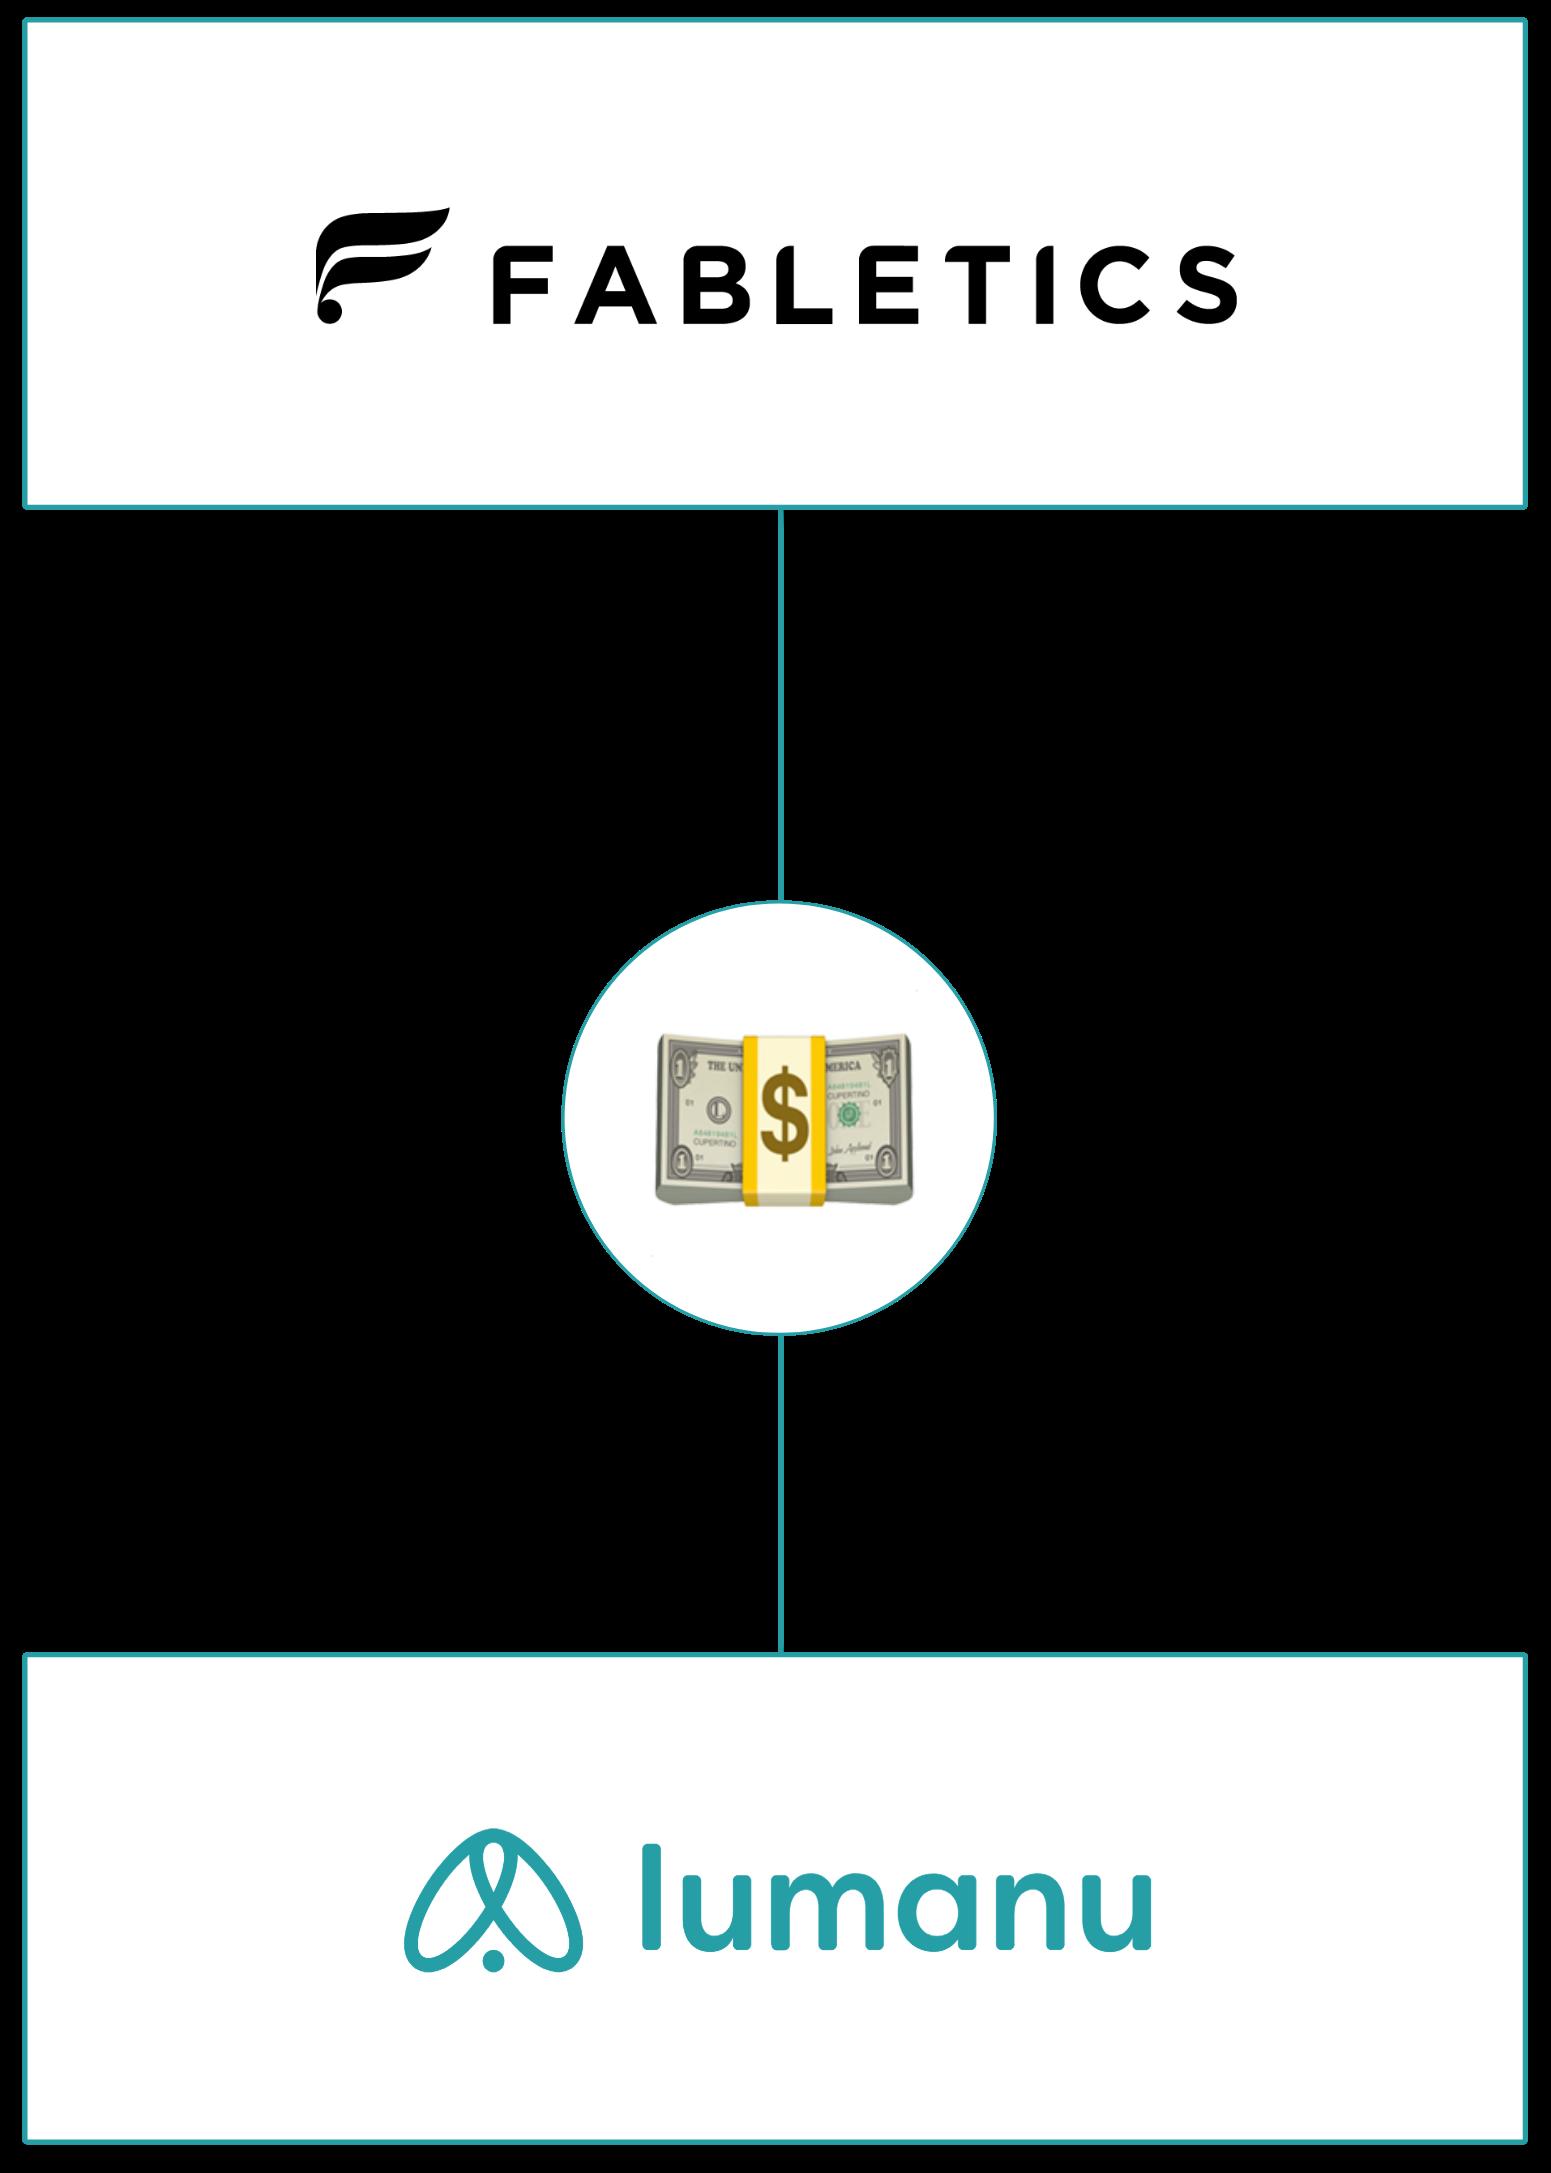 Fabletics and Lumanu logo